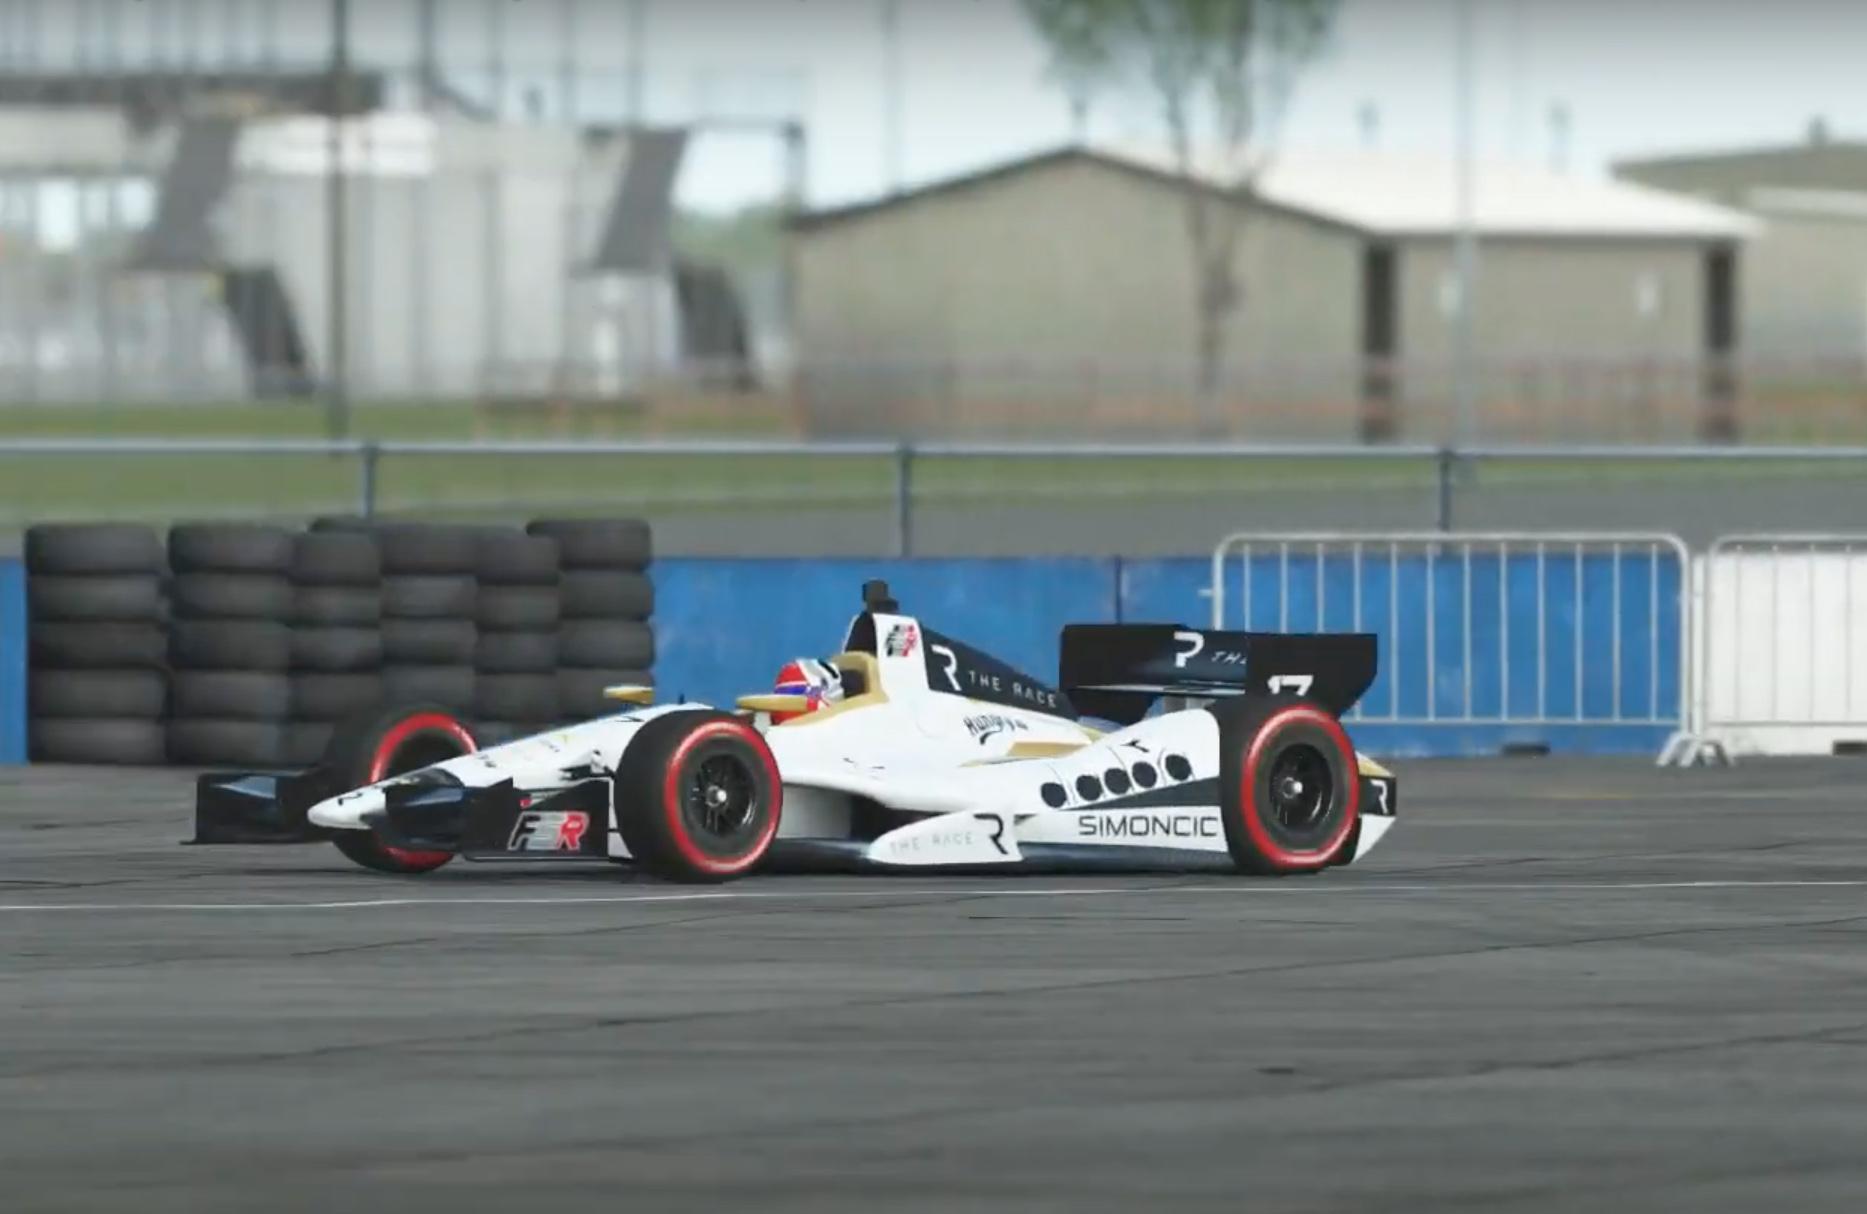 Indypro R3 Simoncic Copy